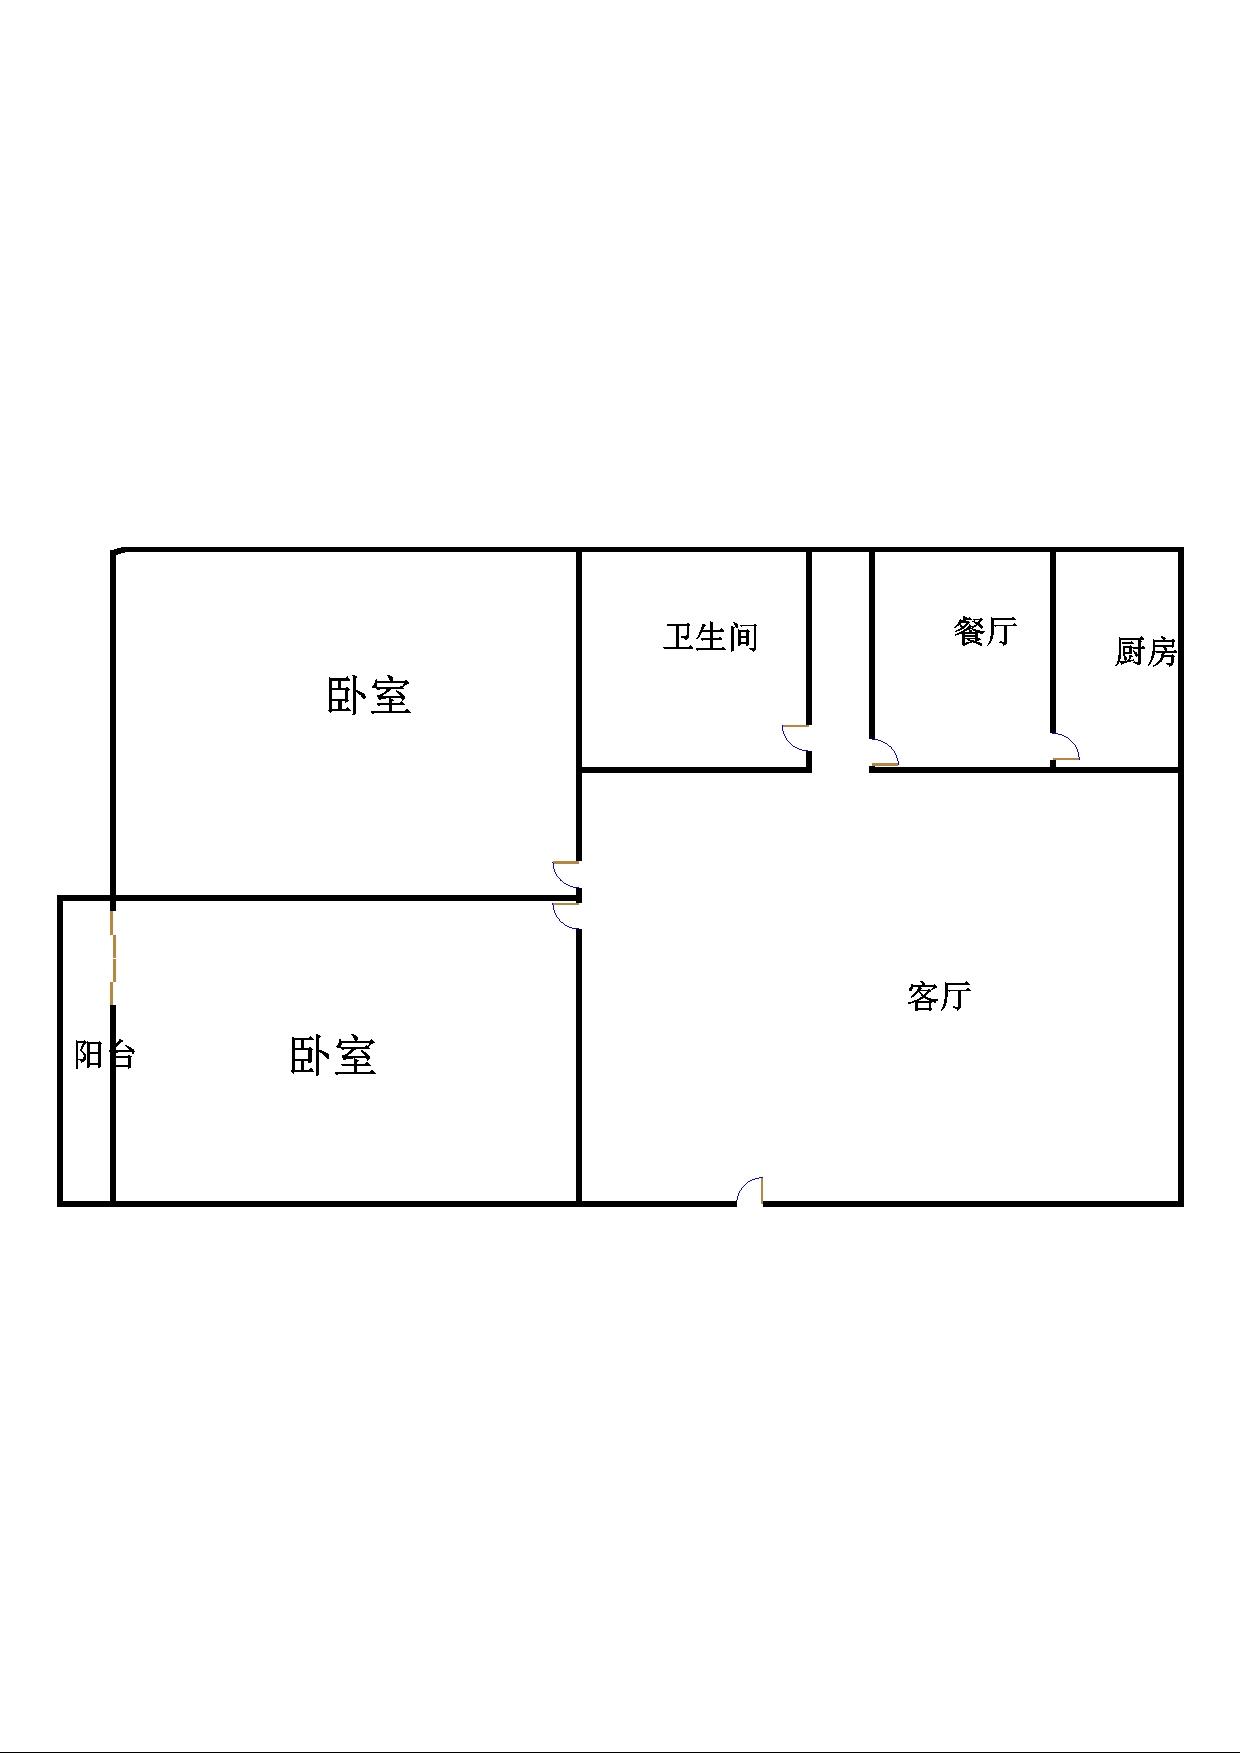 胜利花园 2室2厅 6楼